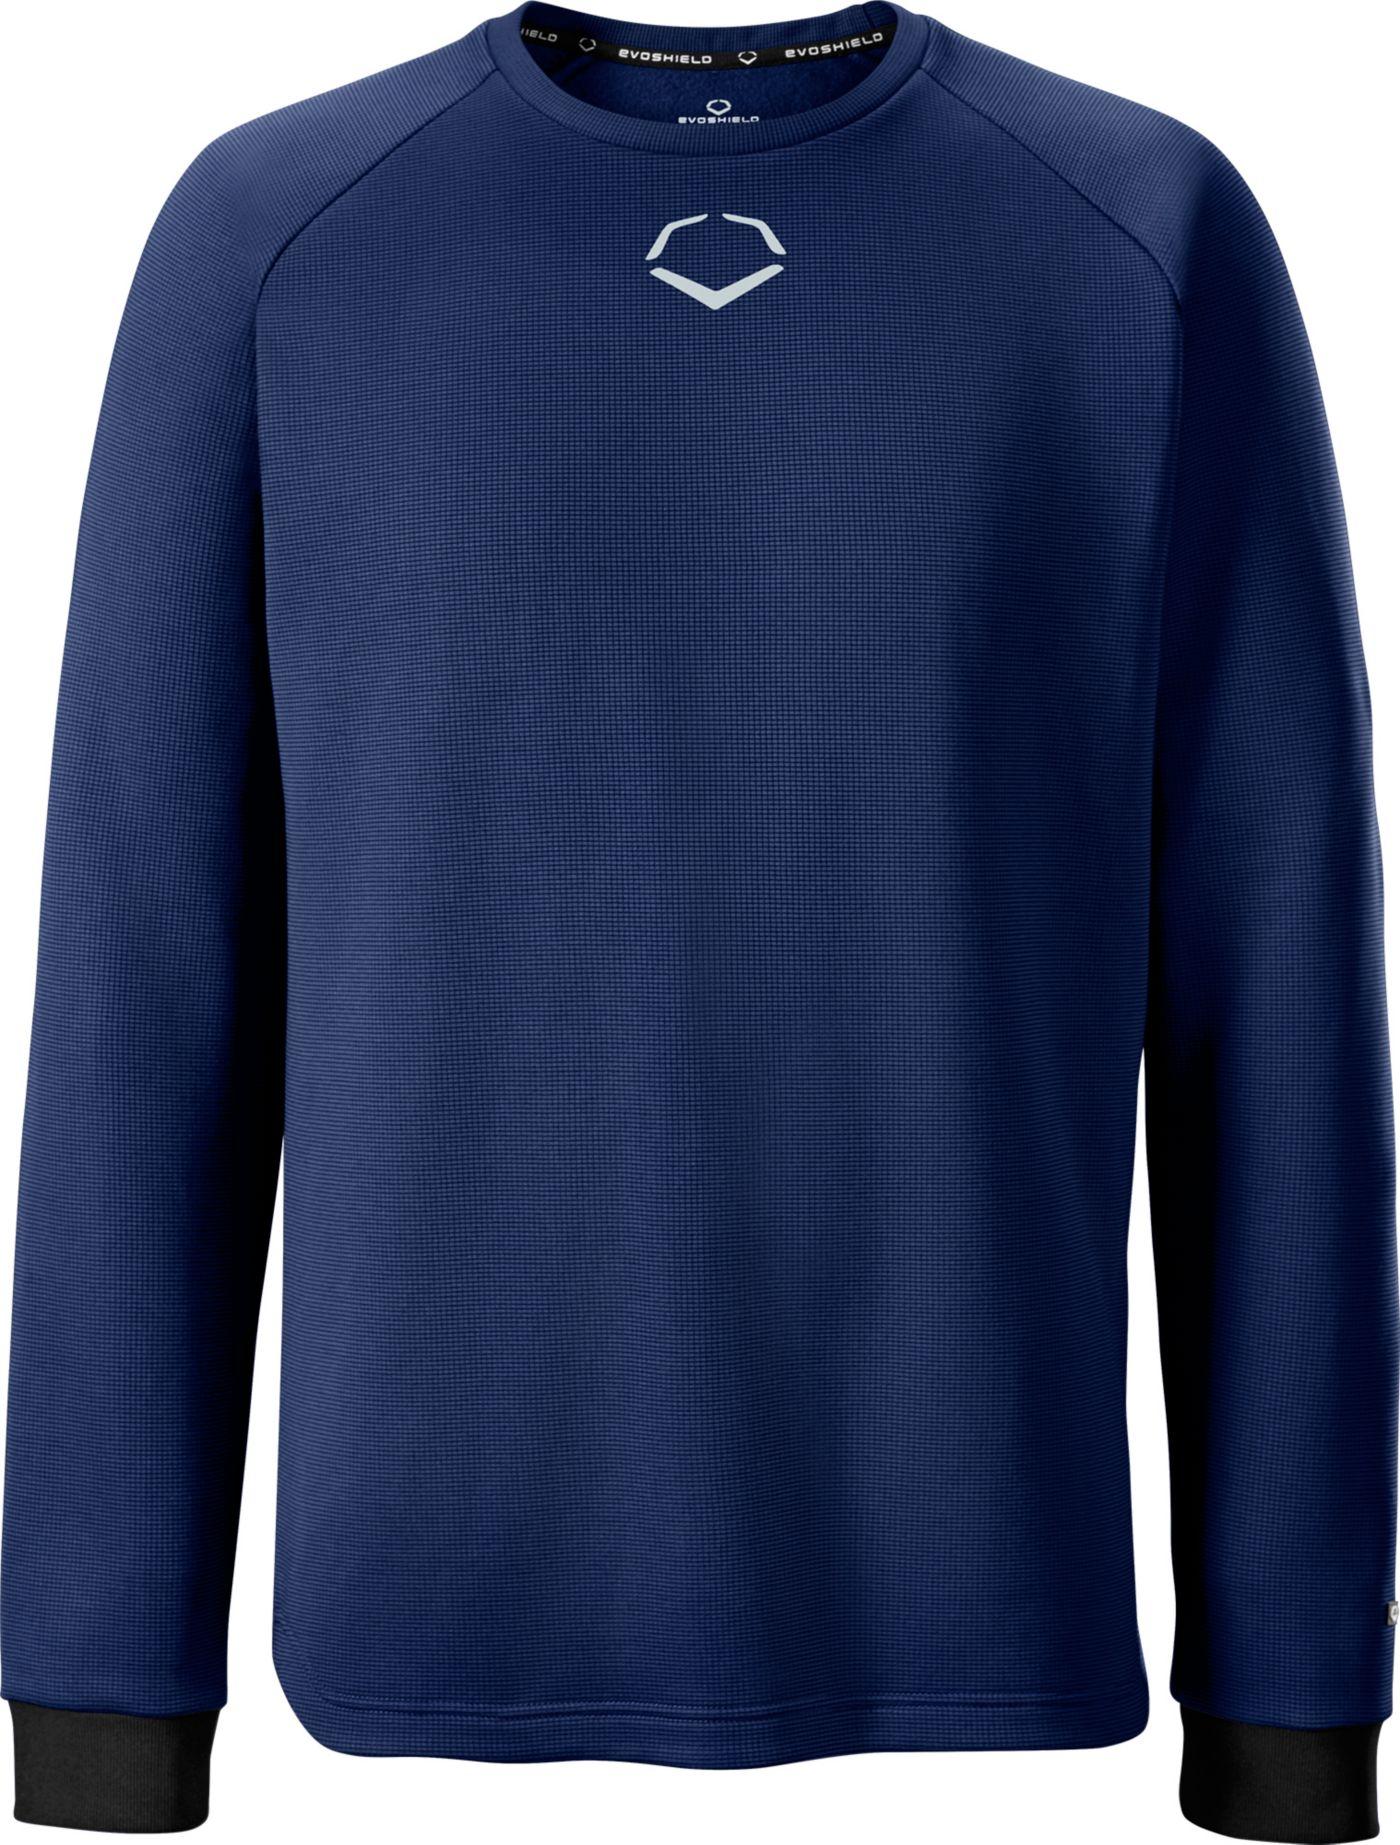 EvoShield Men's Pro Team Heater Fleece Shirt